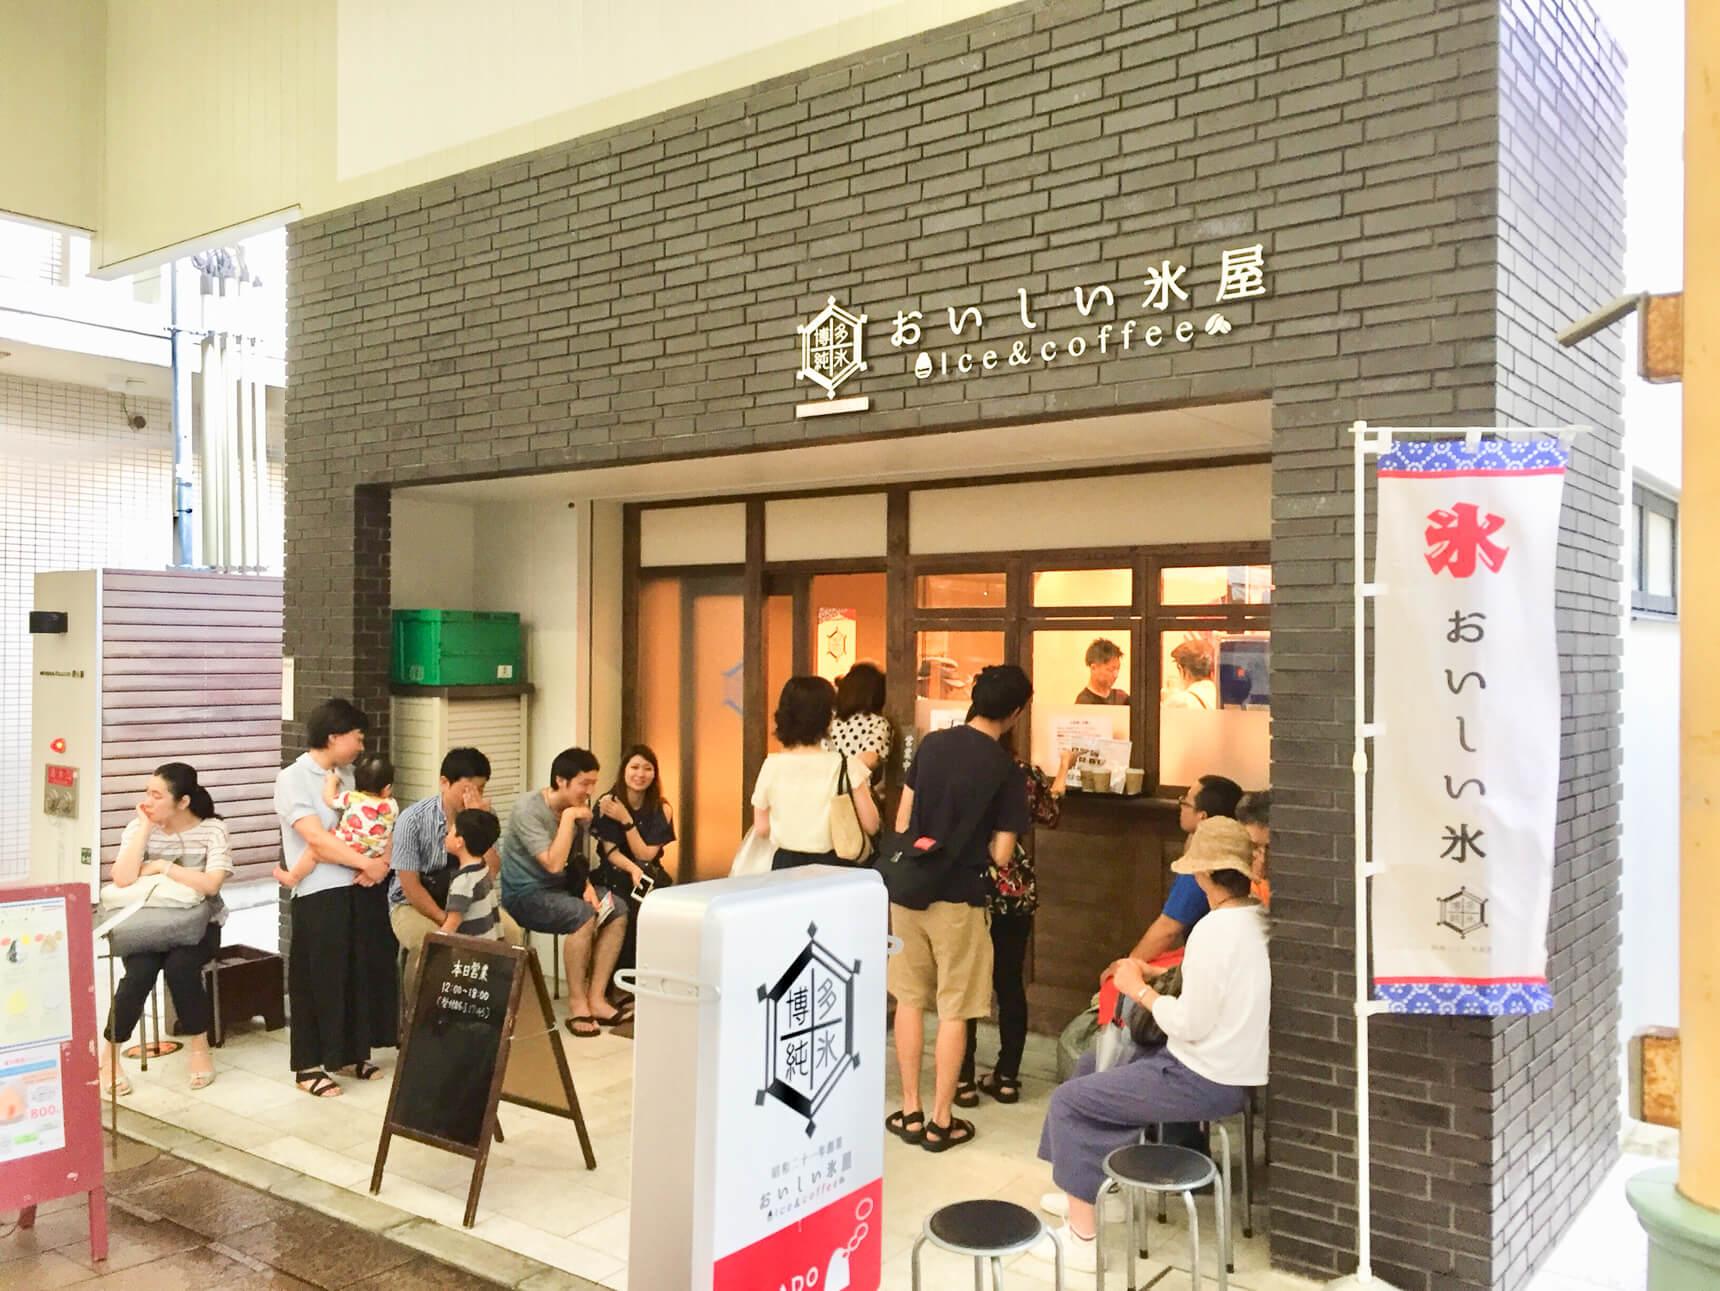 こちらが、昭和21年創業の九州製氷によるかき氷屋さん、その名も「おいしい氷屋」。暑い夏には、ちょっとした避暑地のようになっていました。